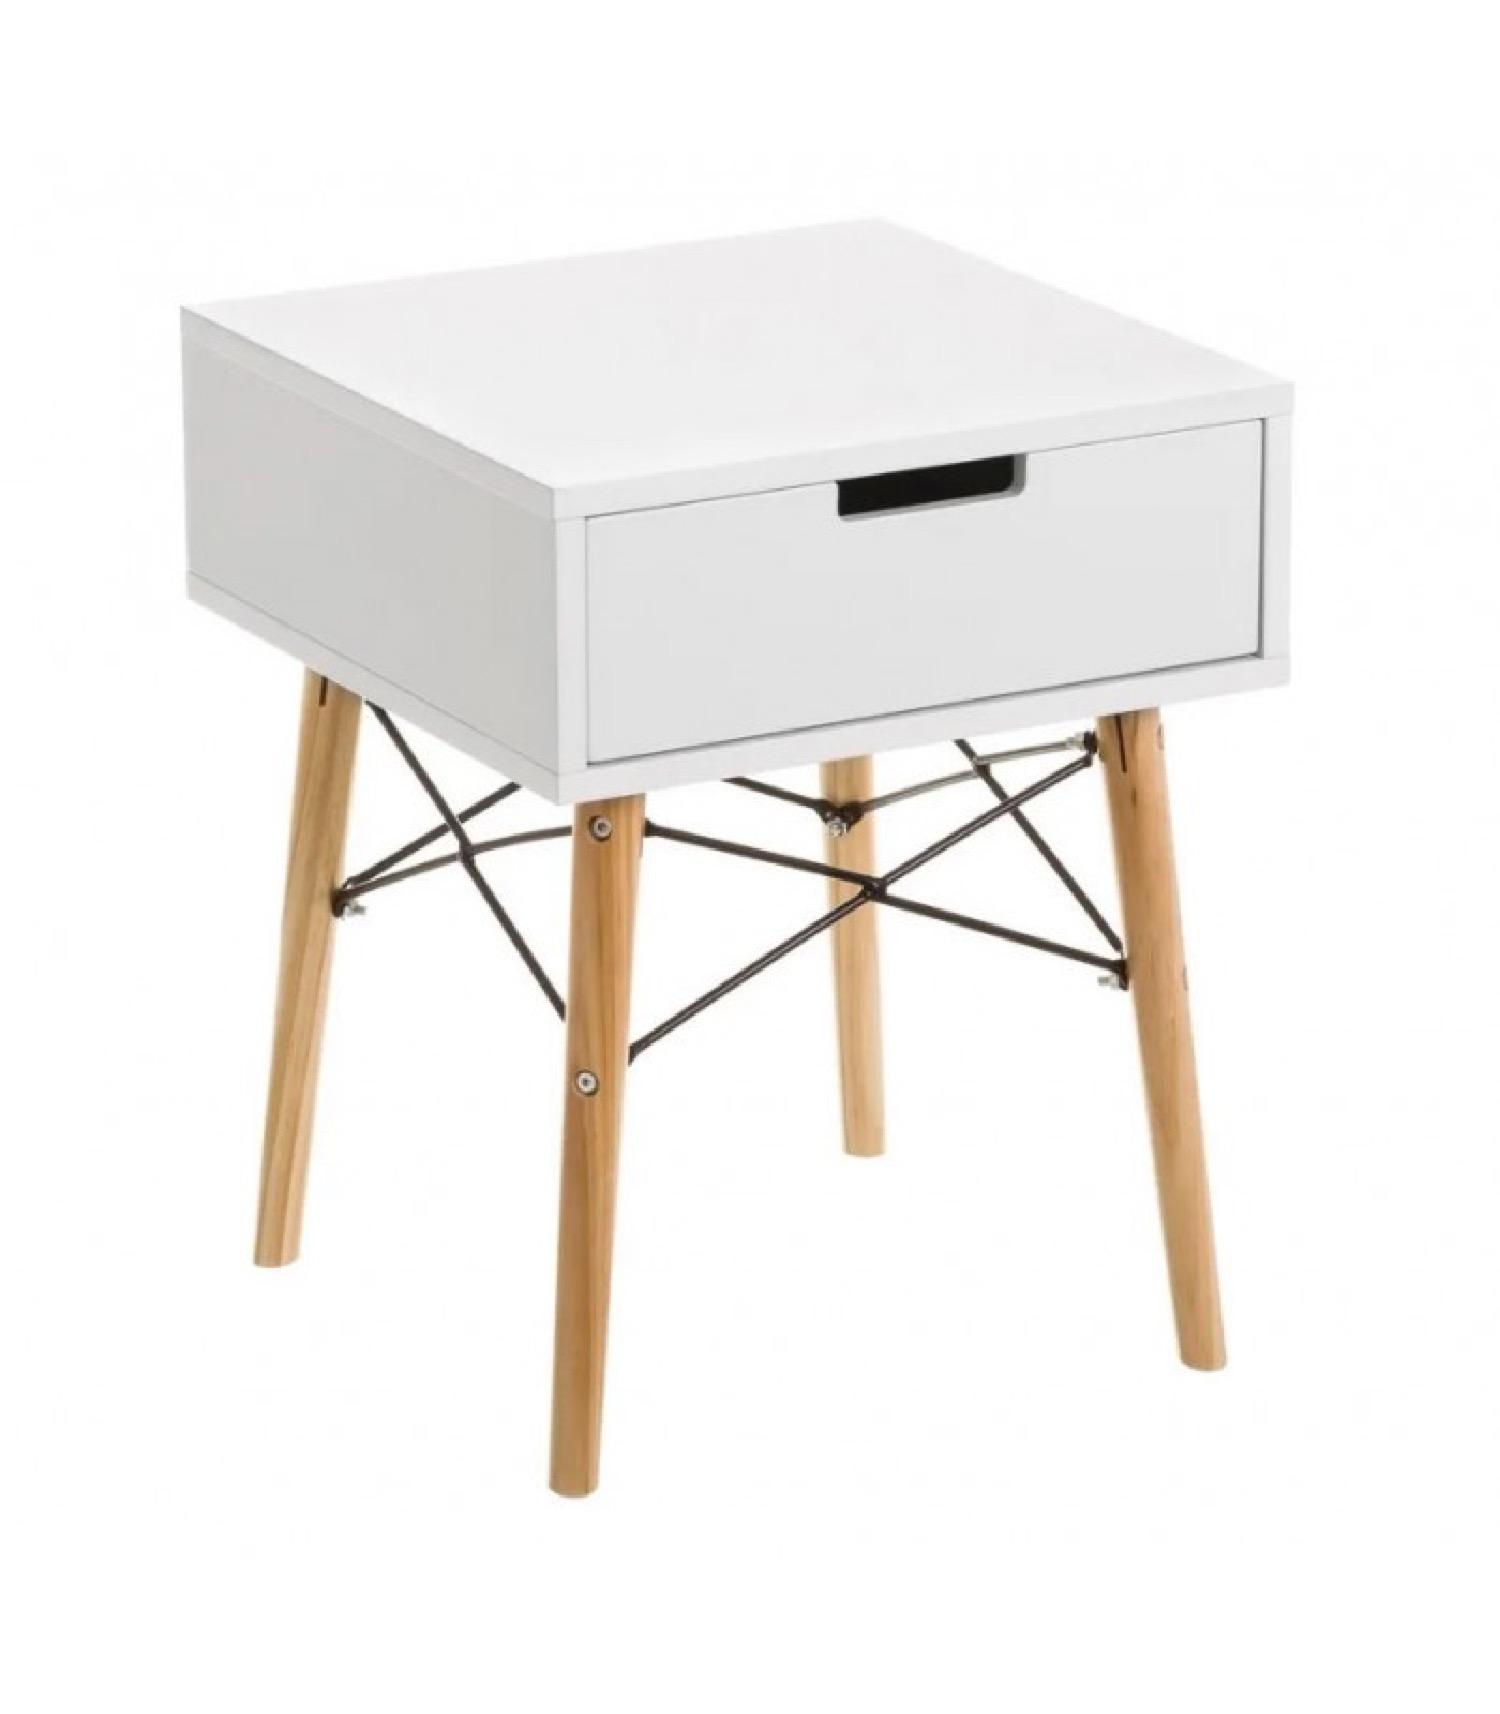 Table de chevet blanche et bois style Scandinave